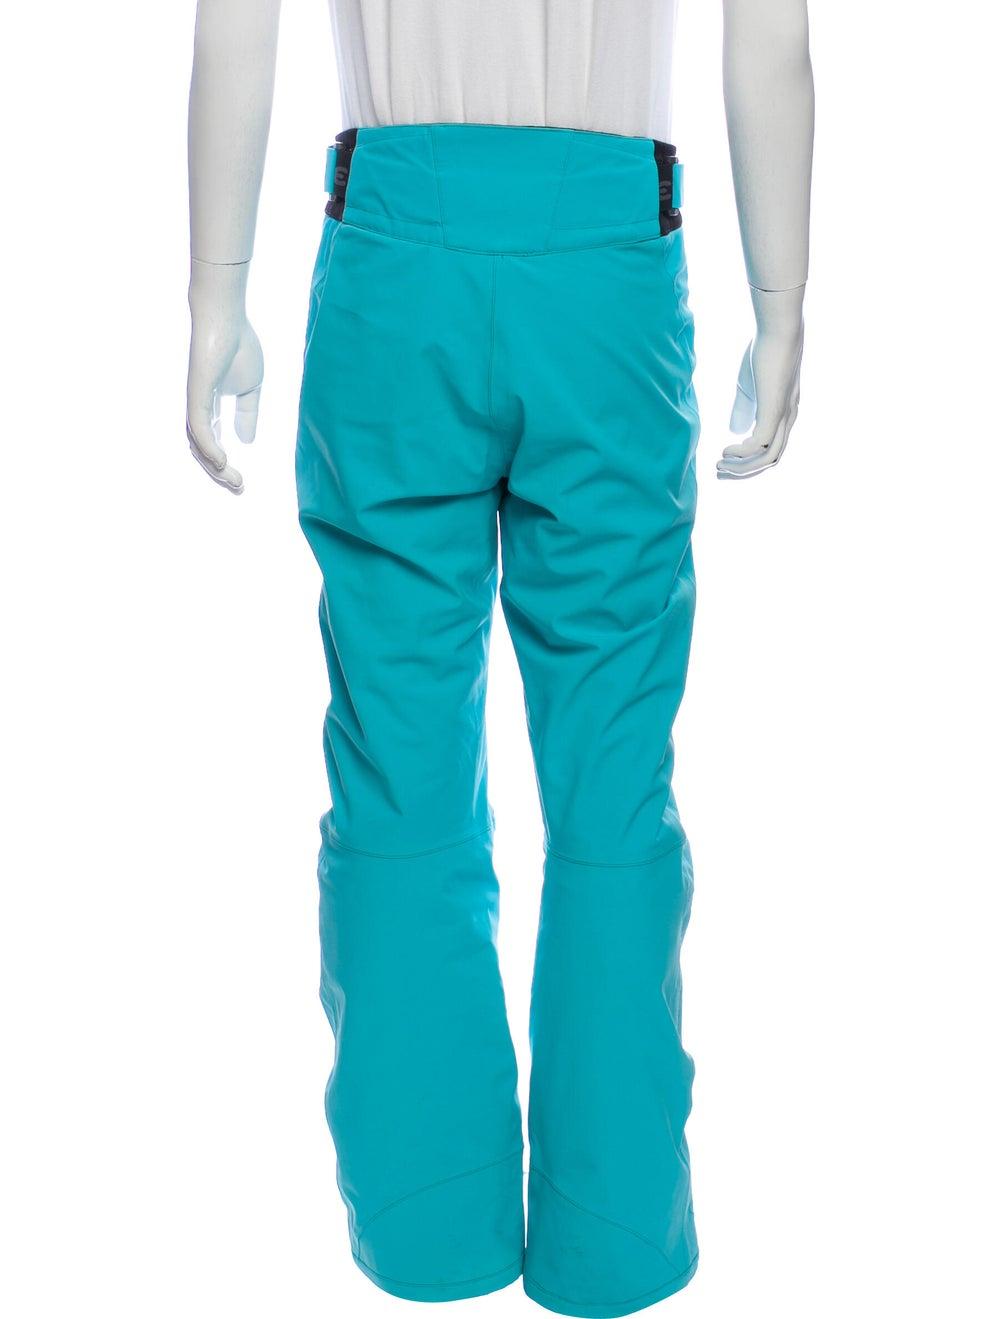 Eider Ski Pants Blue - image 3